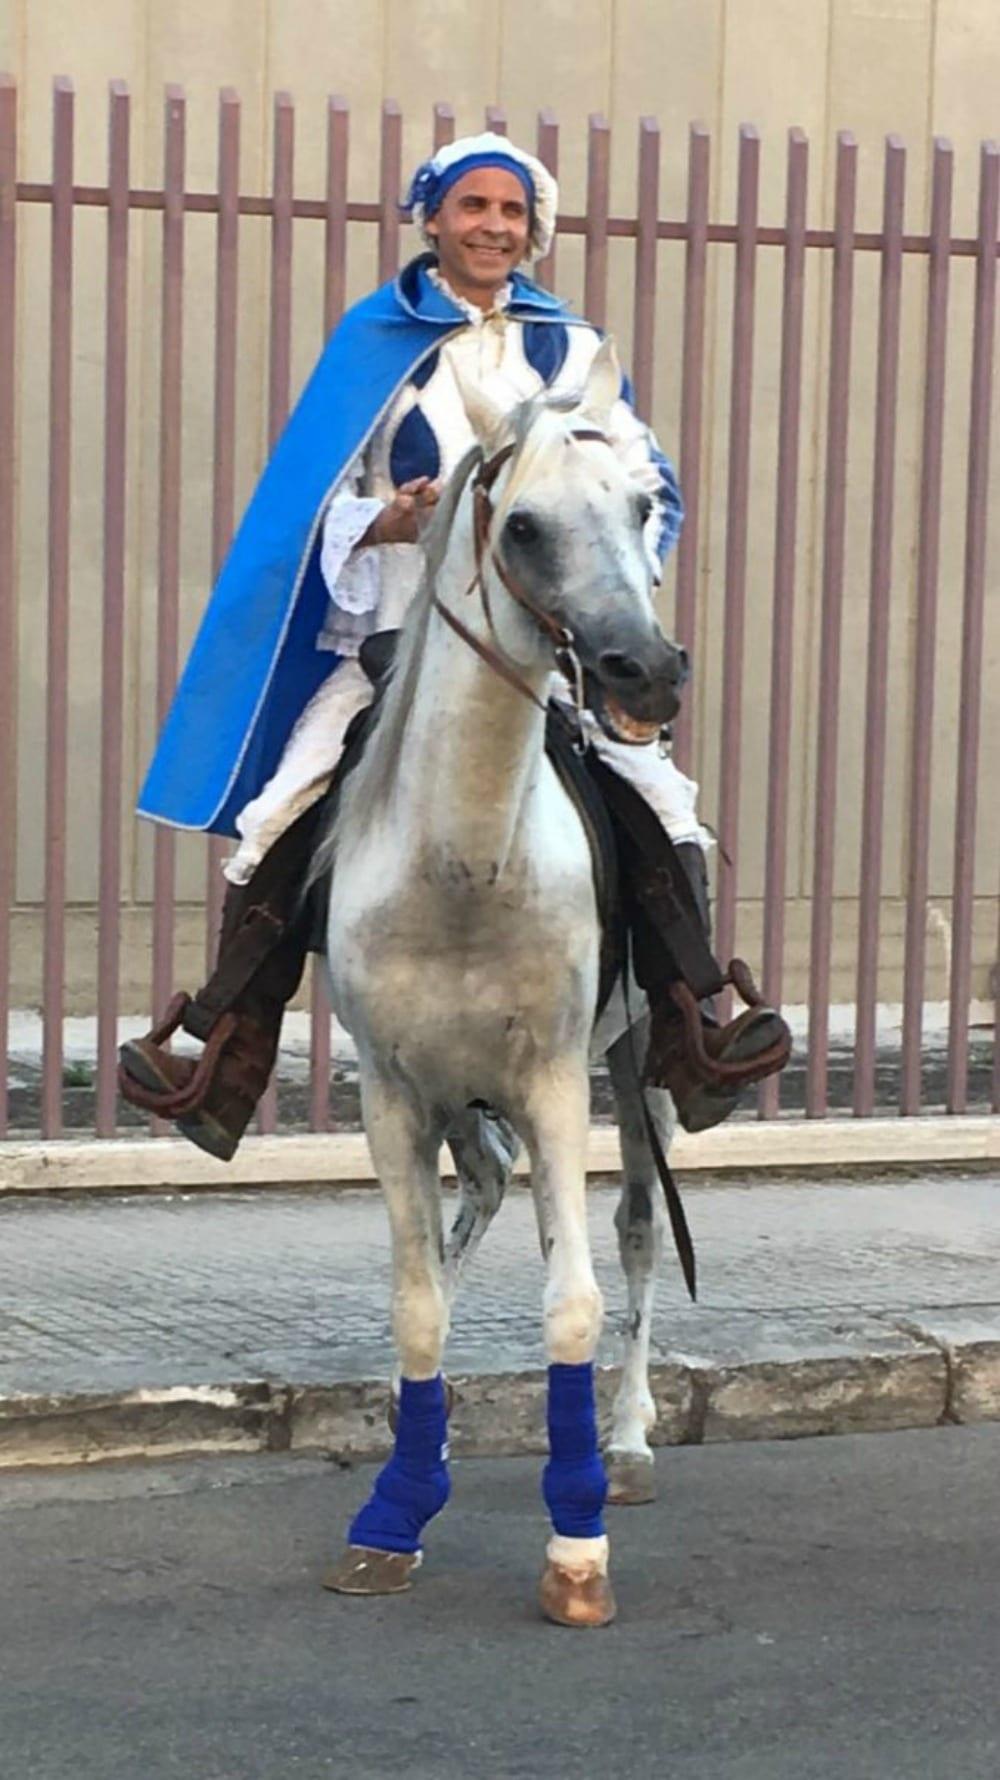 Matrimonio Principe Azzurro : Lecce principe azzurro a cavallo per proposta di